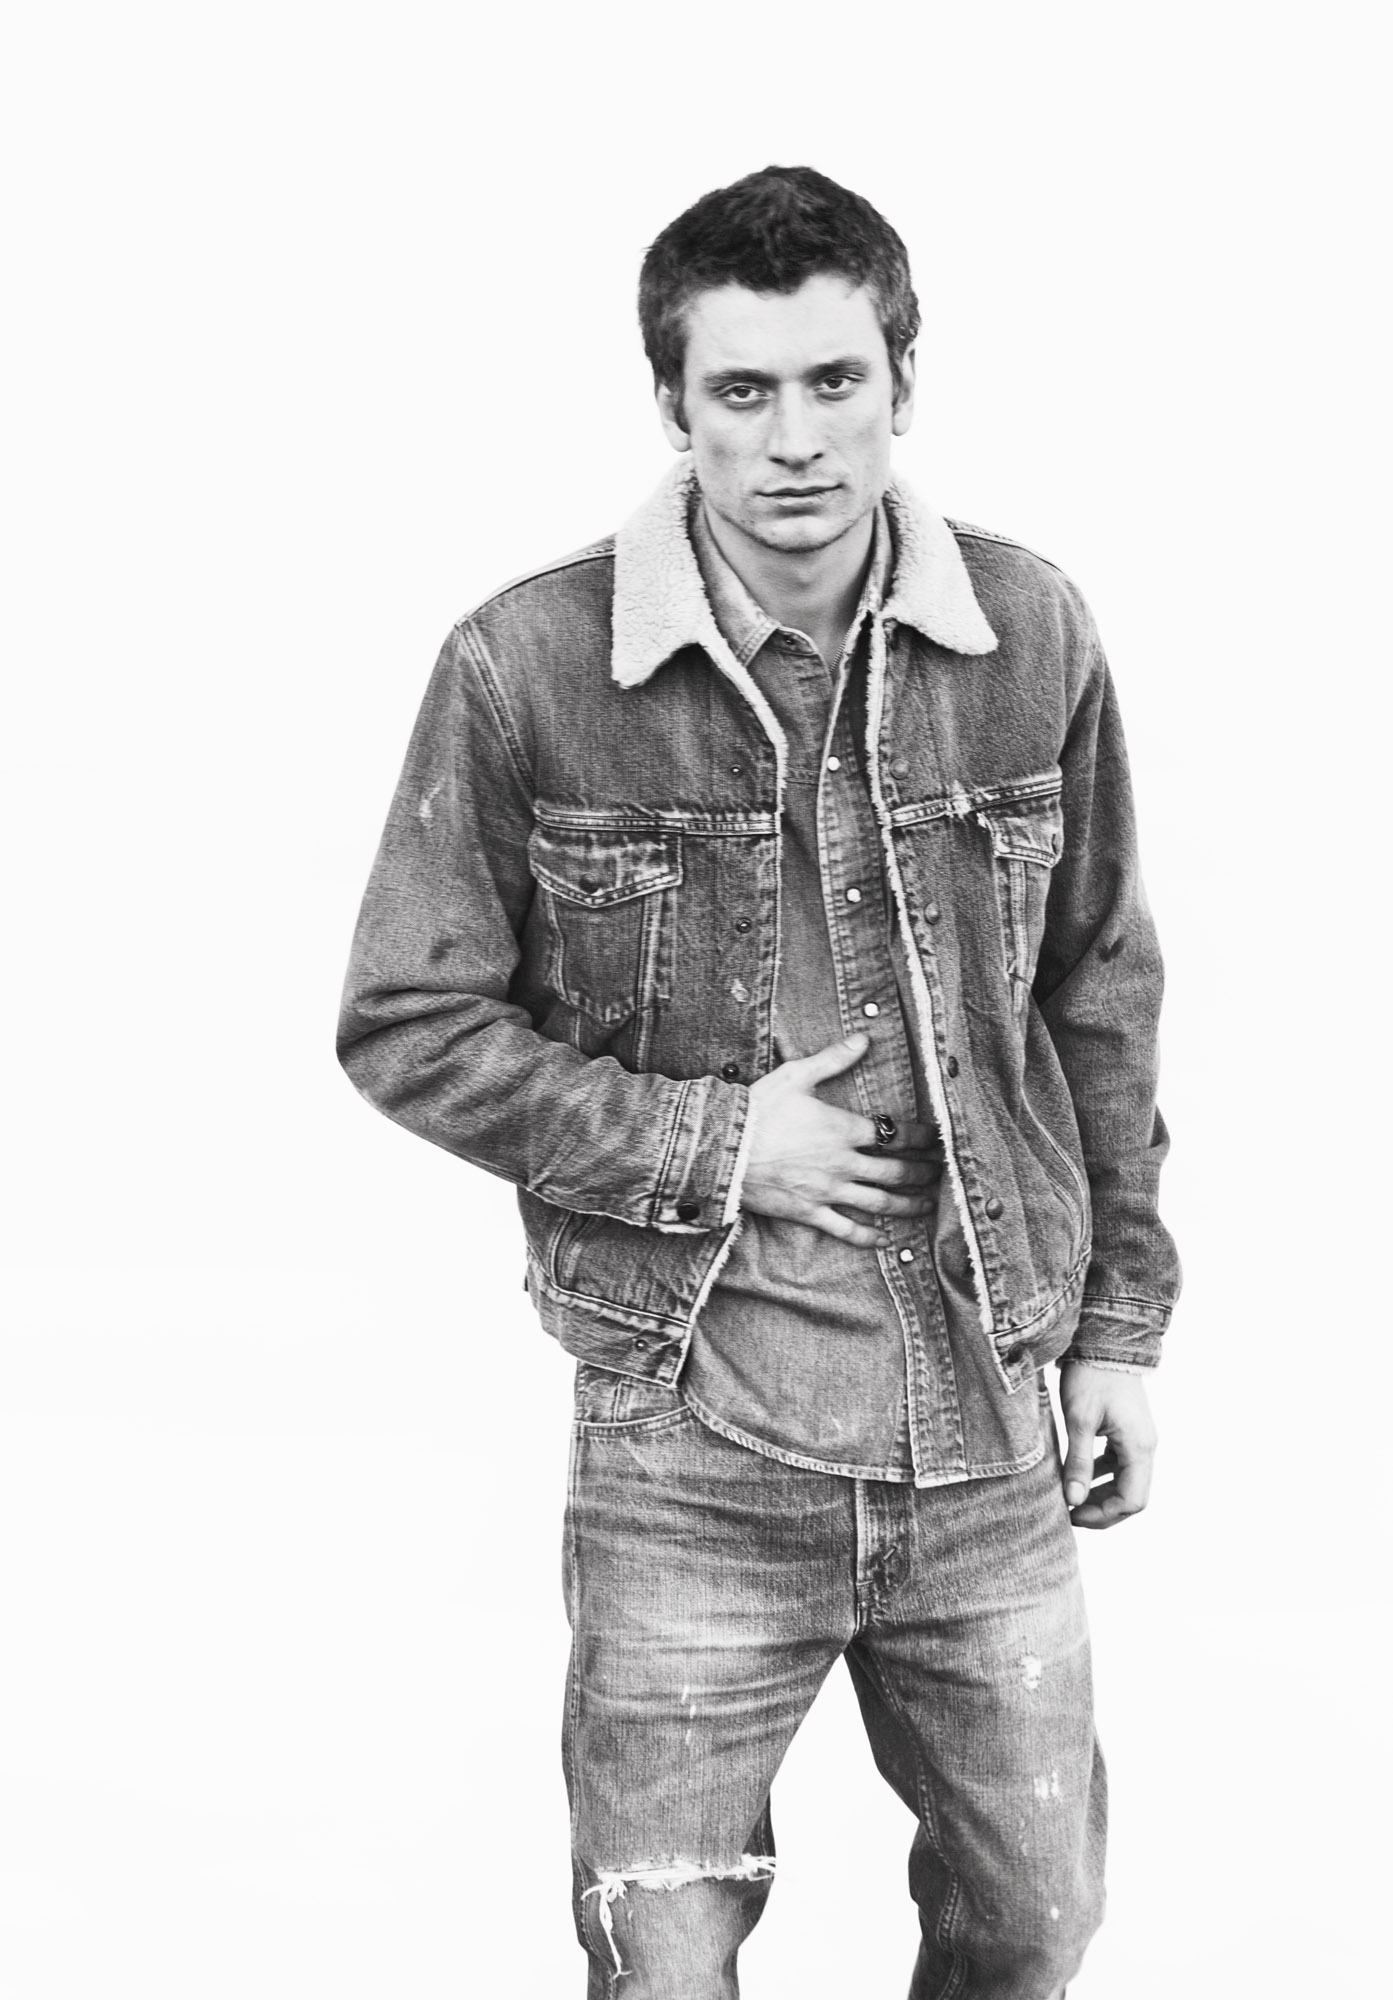 Levis vintage denim jacket